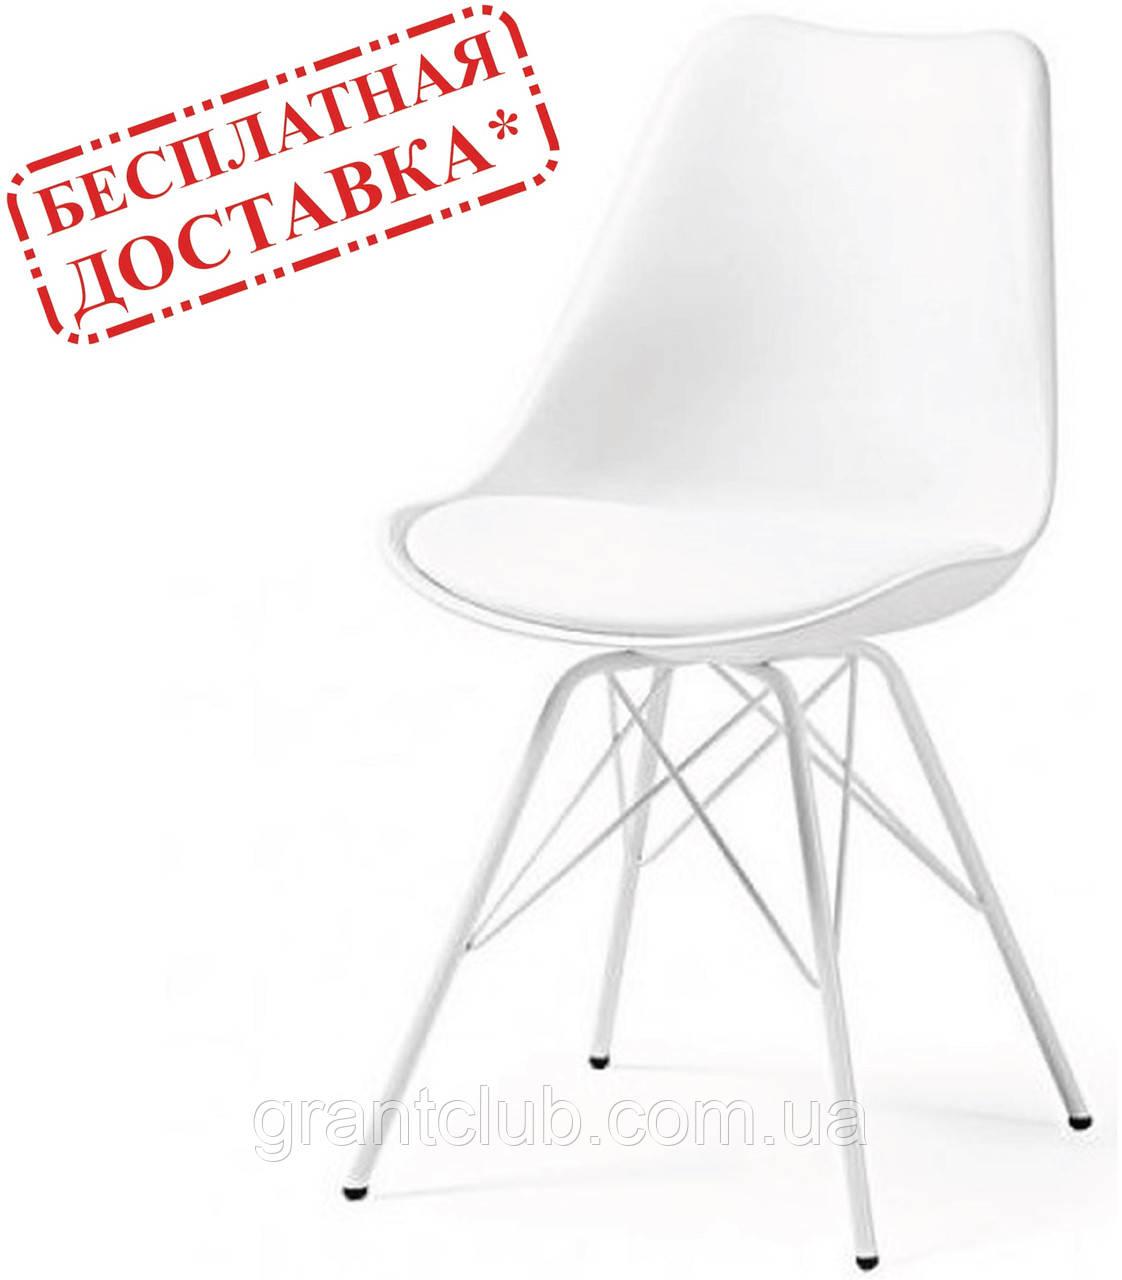 Стілець Тау м'який білий пластик ніжки метал СДМ група (безкоштовна доставка)